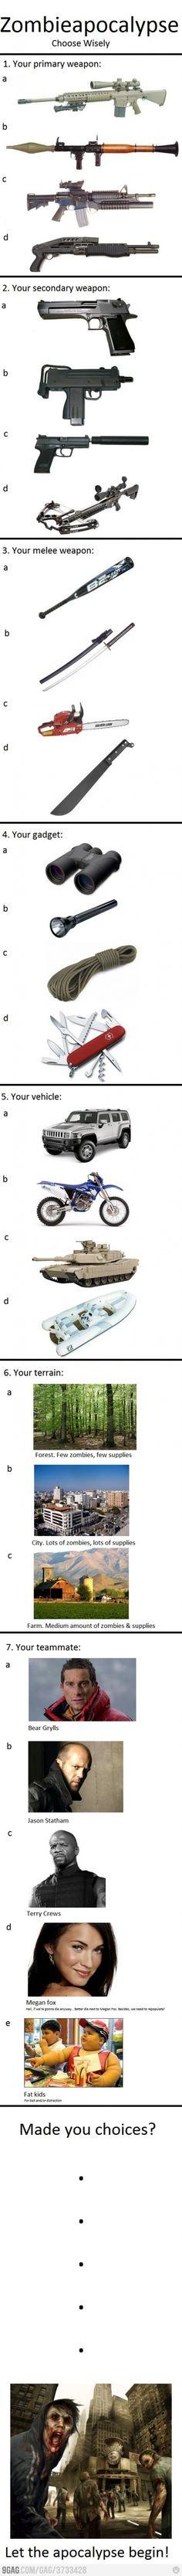 Armas militares mais comuns nas áreas de ocupação do exercito.